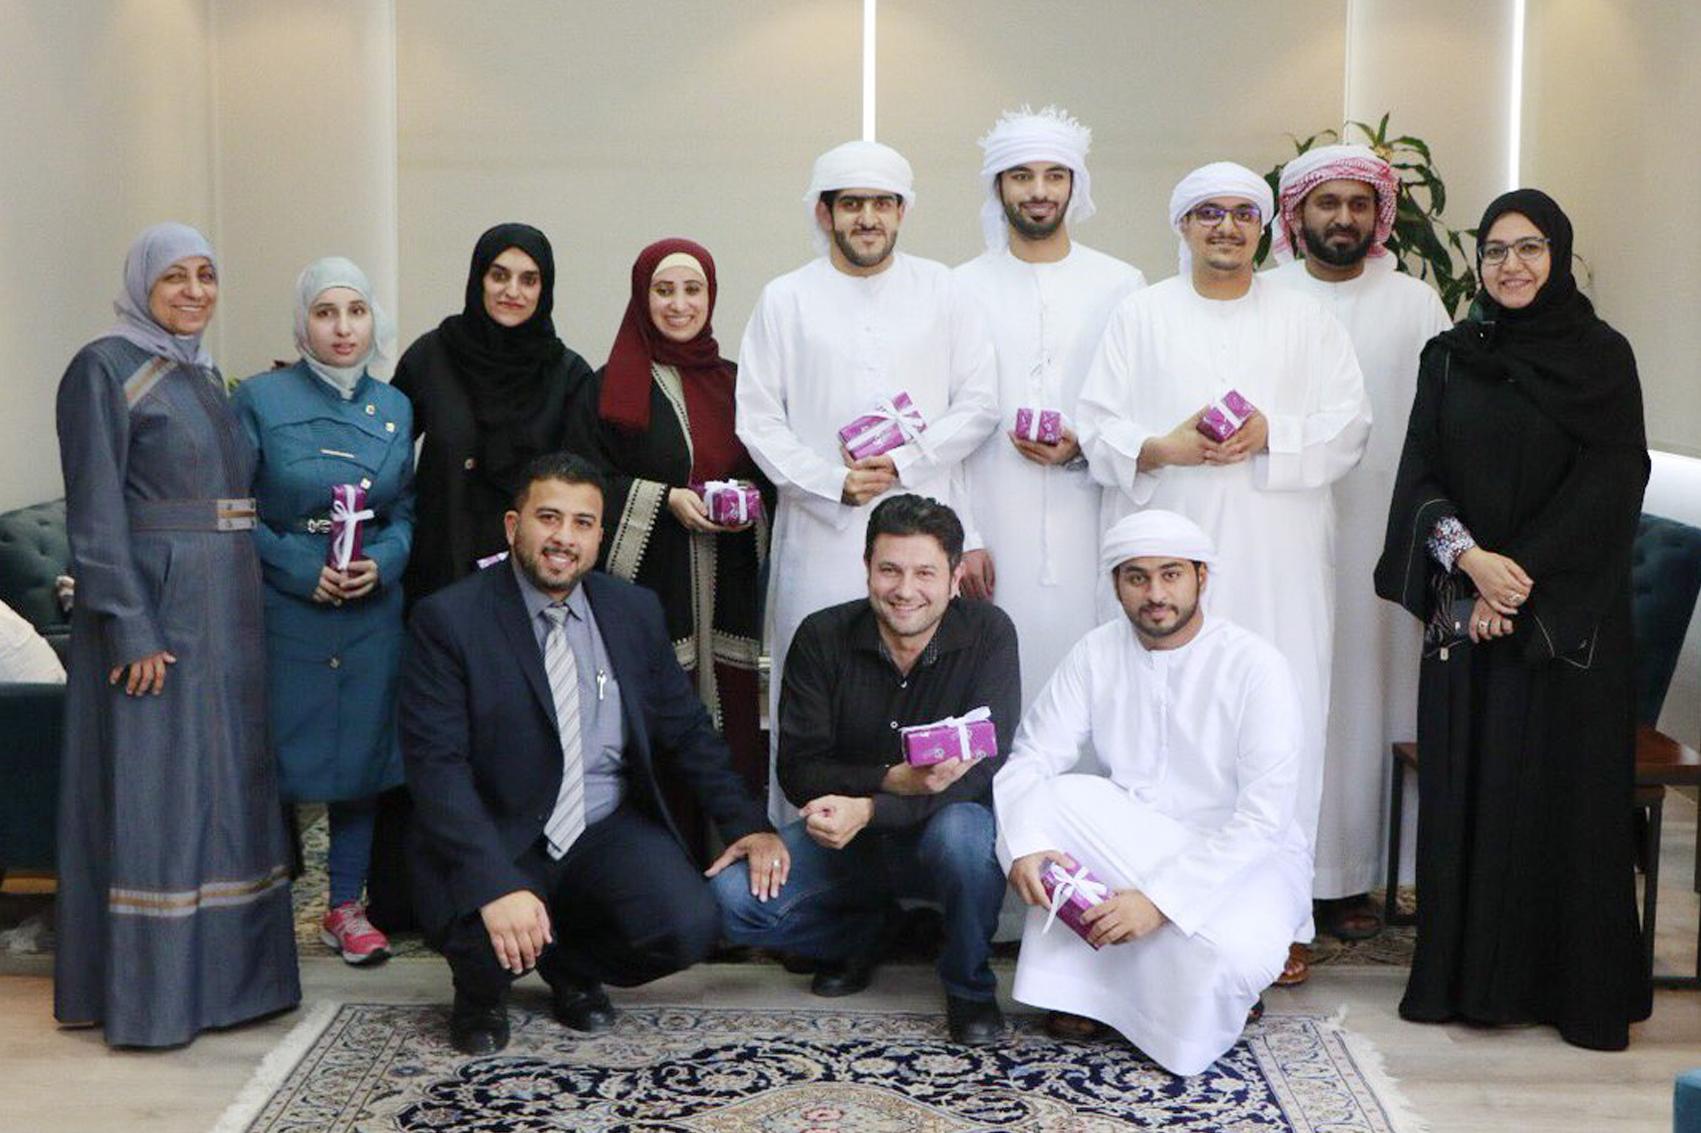 مدرسة الأمل للصم نجحت في دمج 54 طالباً أصماً في مدارس السامعين